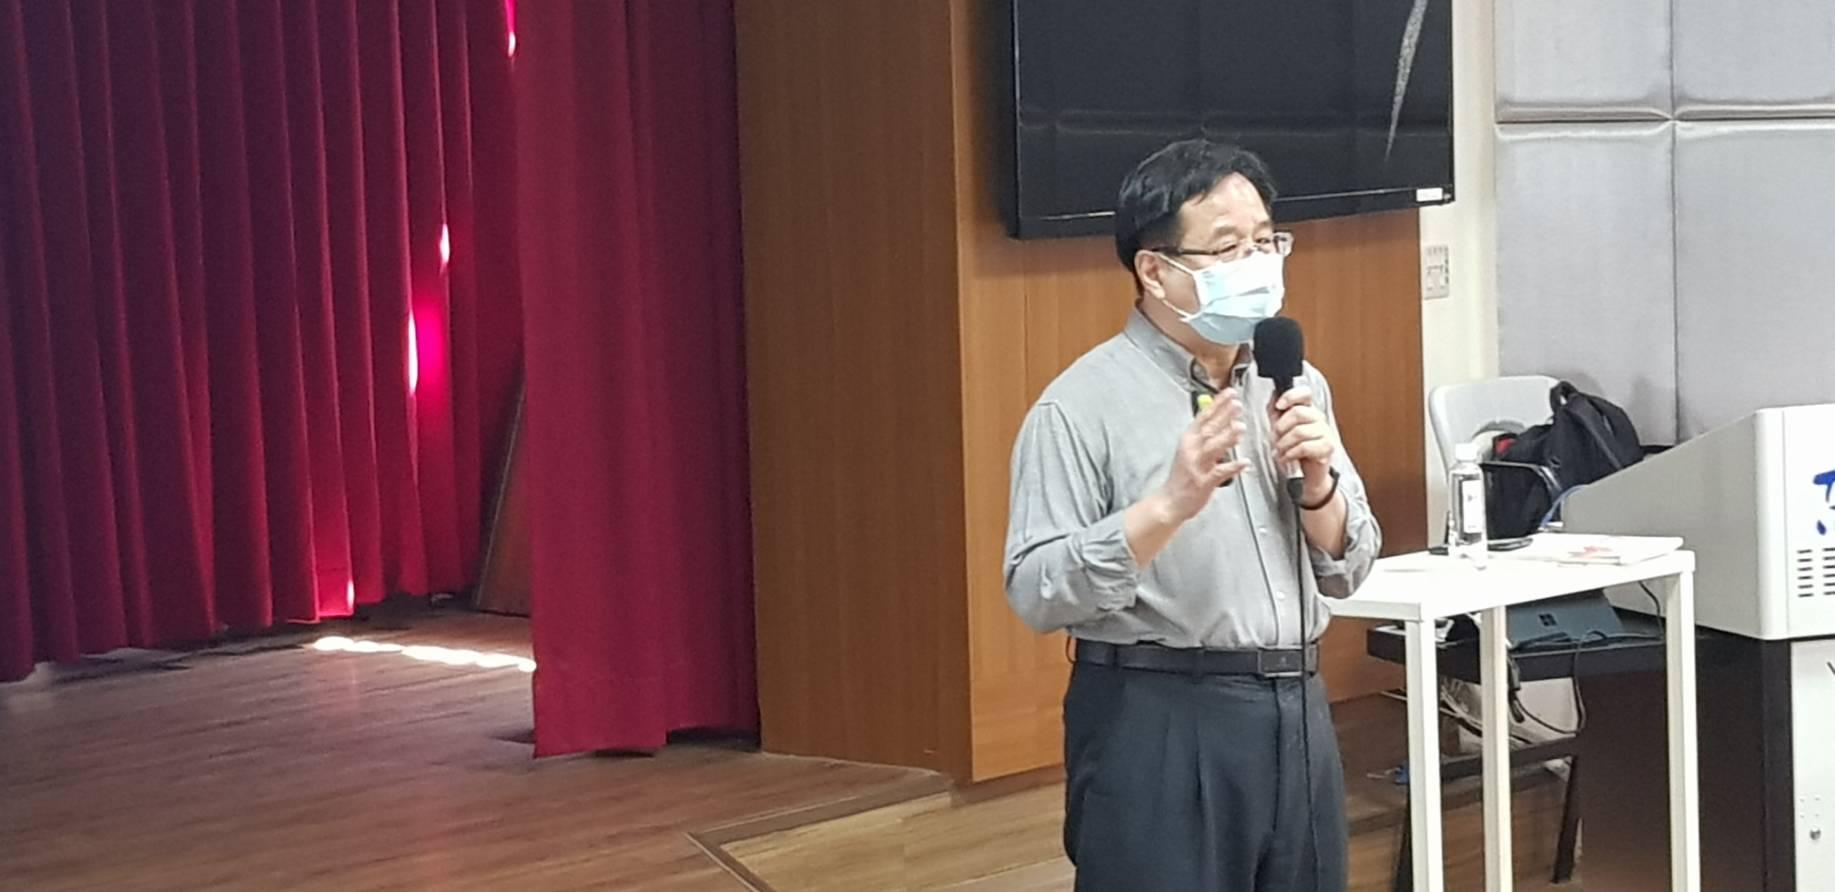 109年4月10日邀請交通大學資訊管理學系兼任陳永隆副教授專題演講如何培養跨界思考能力